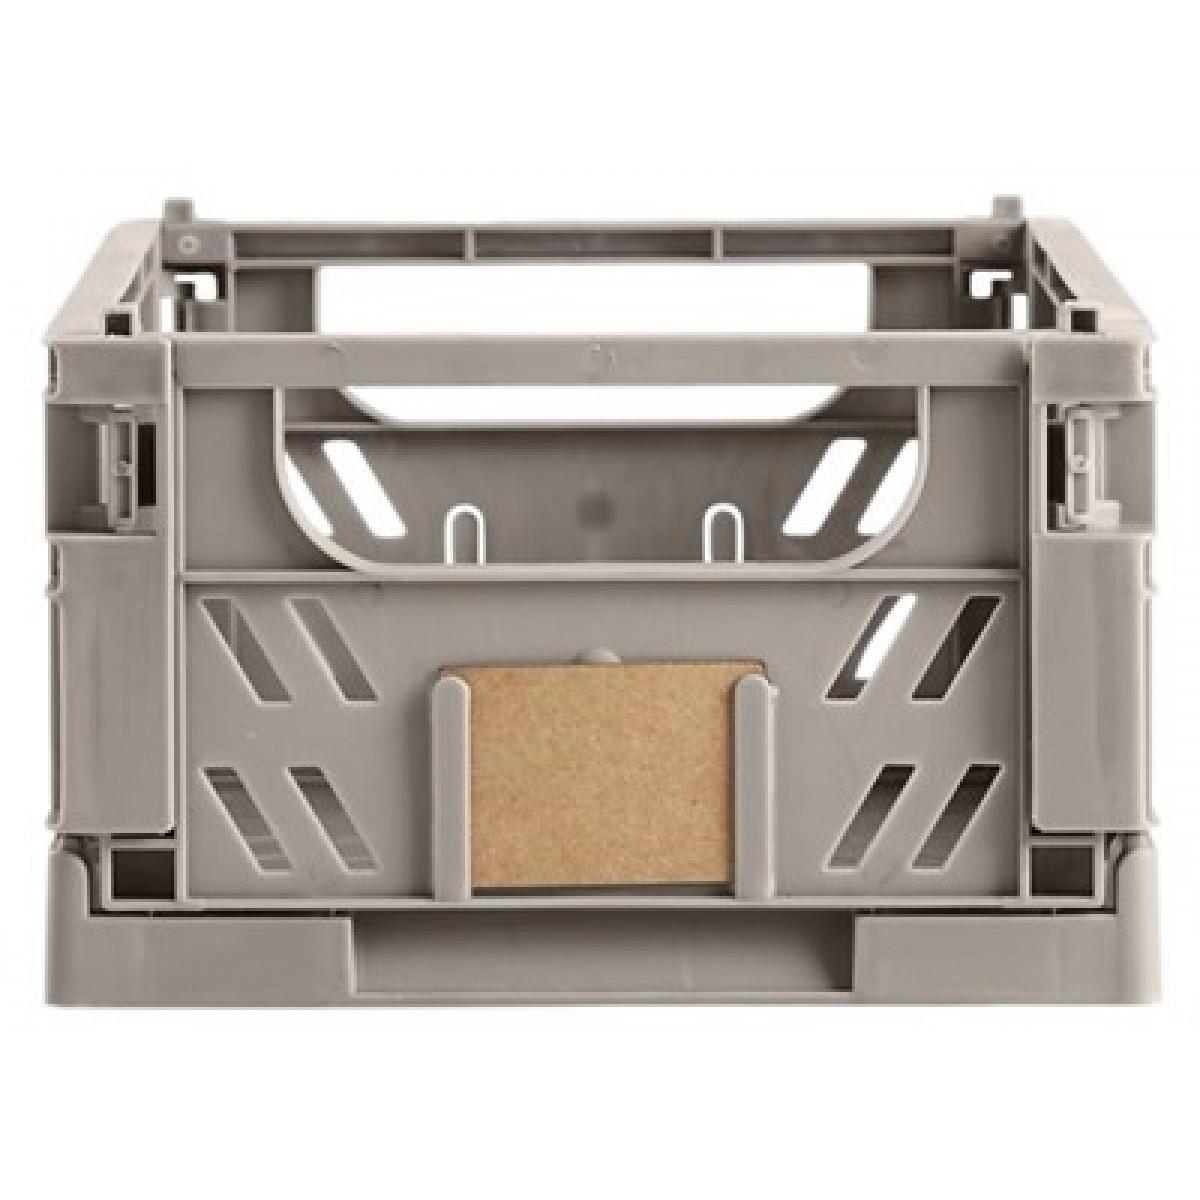 DAY Opbevaringskasse foldbar 25x16,5x10 cm flint grey